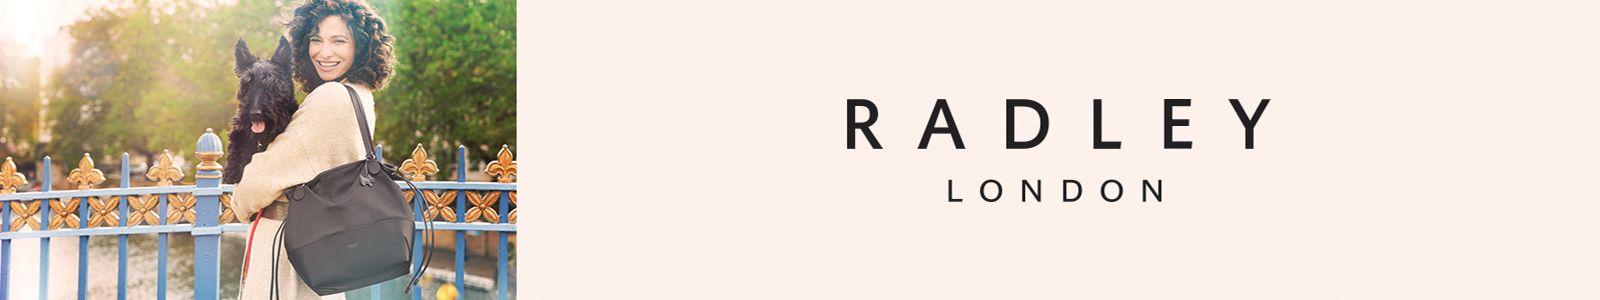 Radley London